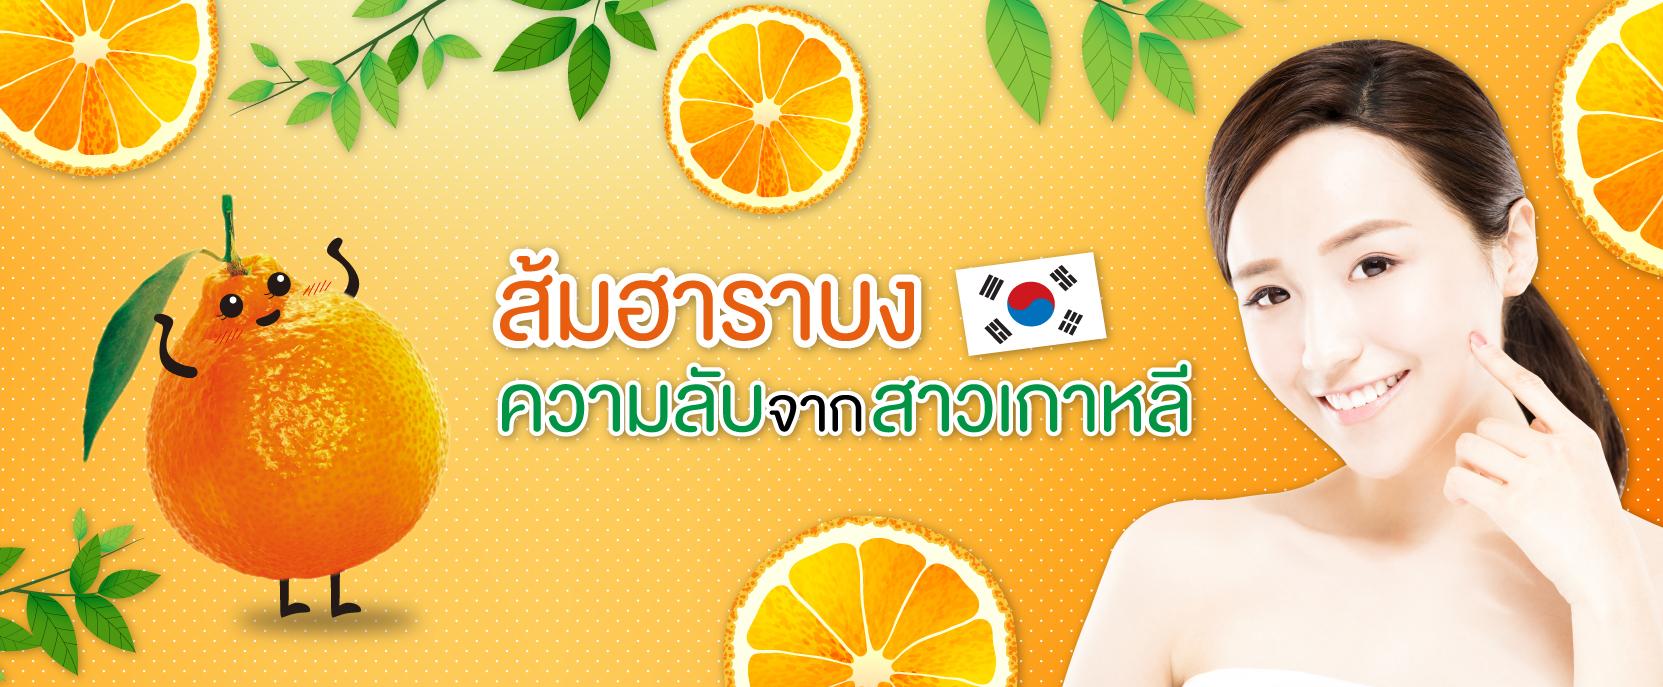 ส้มฮาราบง ความลับจากสาวเกาหลี